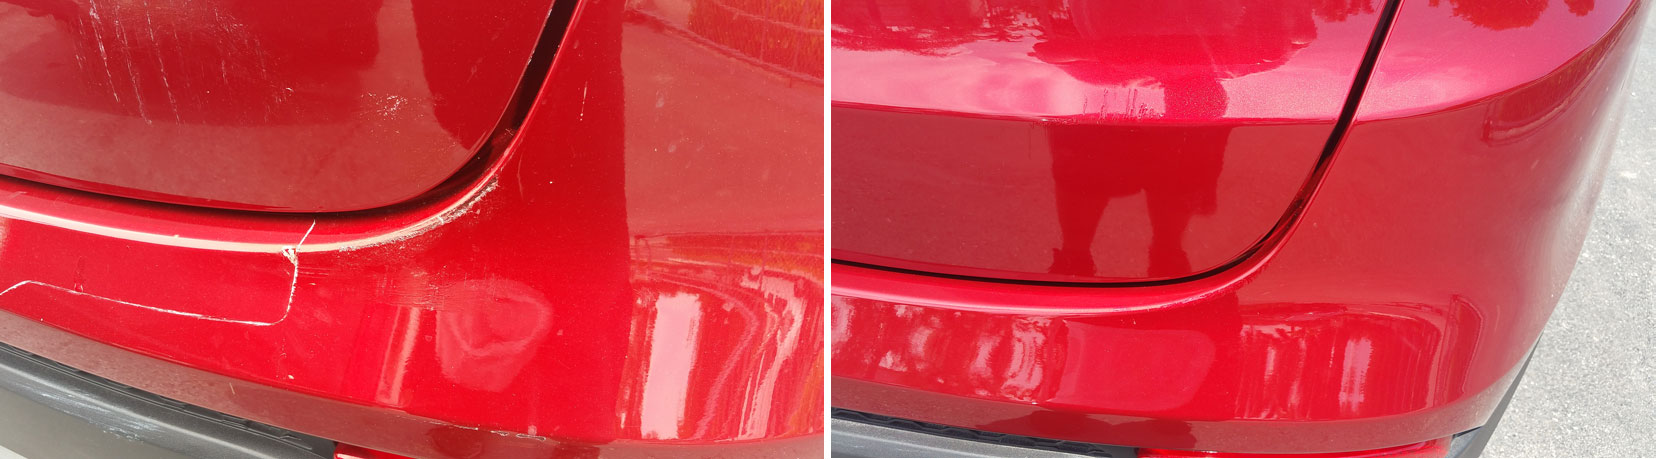 Red-Paint-Scratch-Auto-Repair-Palm-Beach,-FL